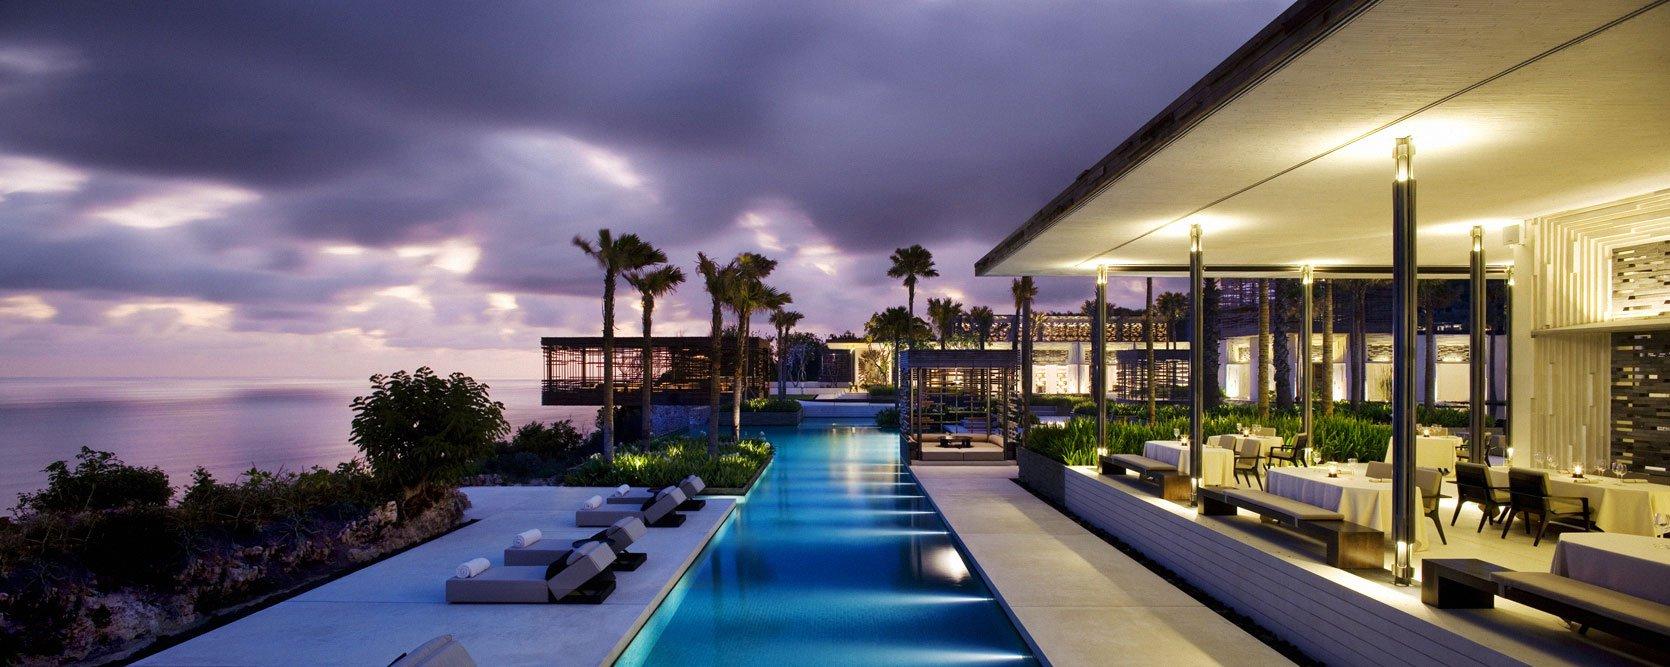 Alila Villas Resort Uluwatu, un paraíso ecológico en Bali